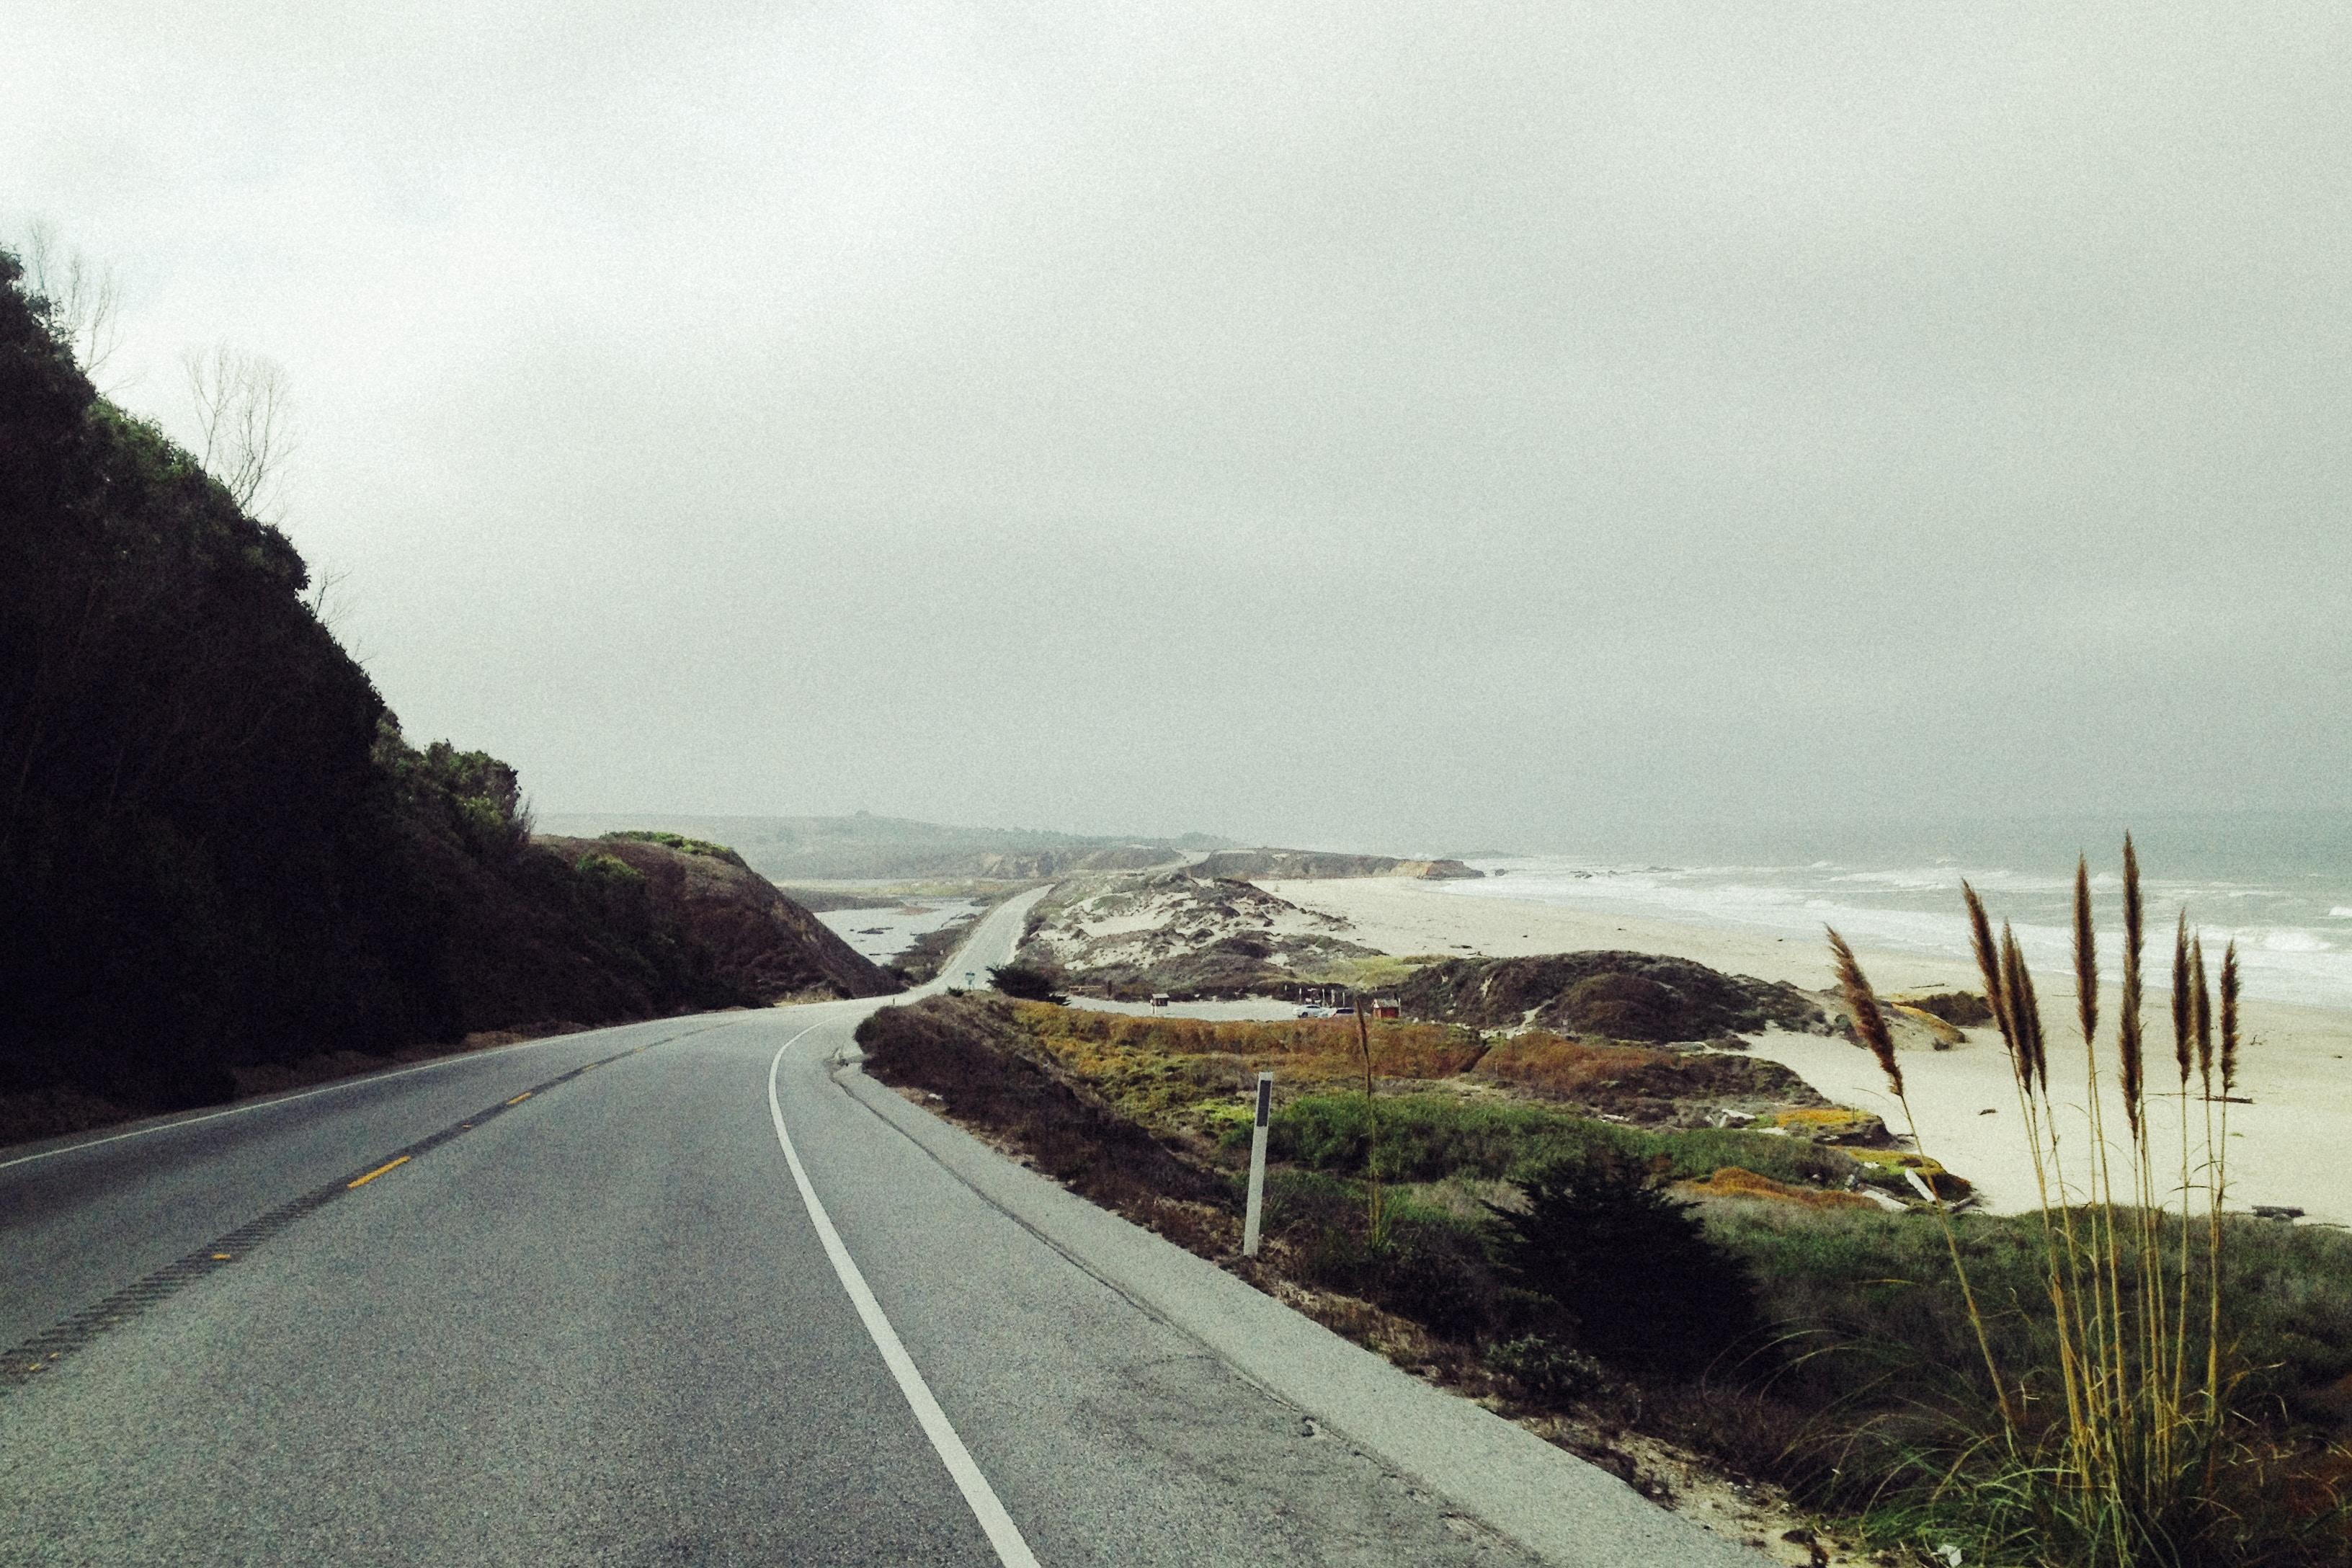 road near seashore